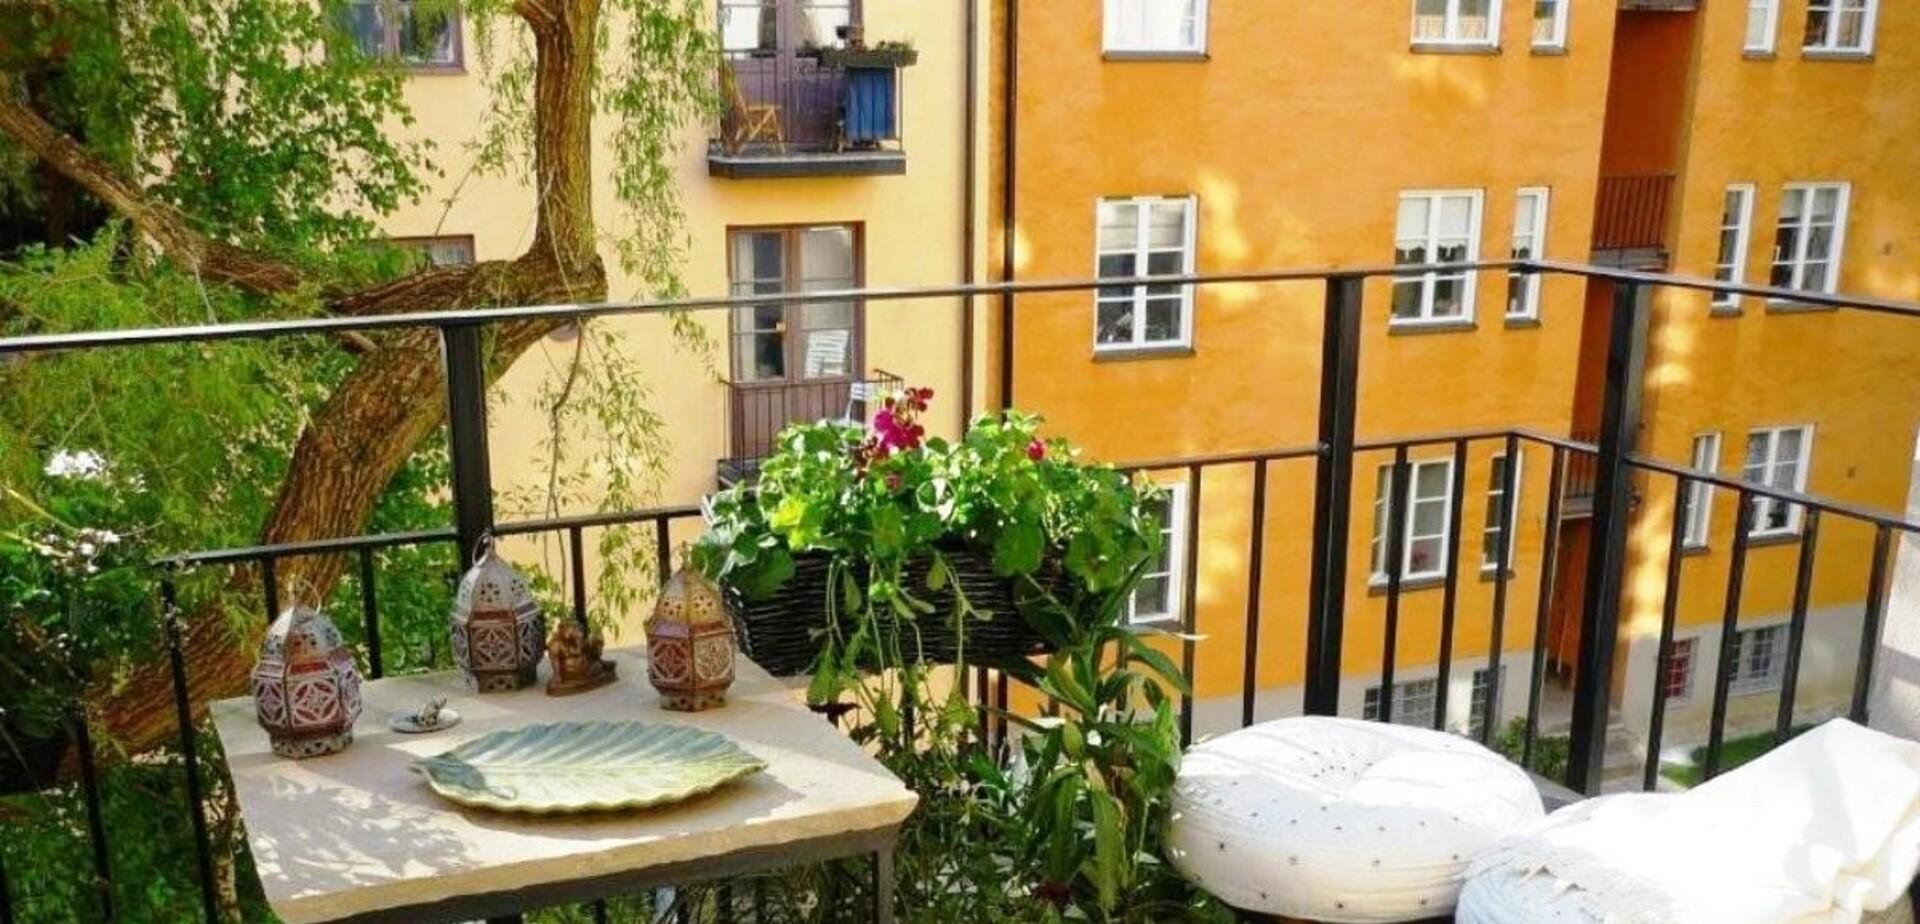 Plancher ext rieur en bois pour le balcon pour les makers for Plancher exterieur